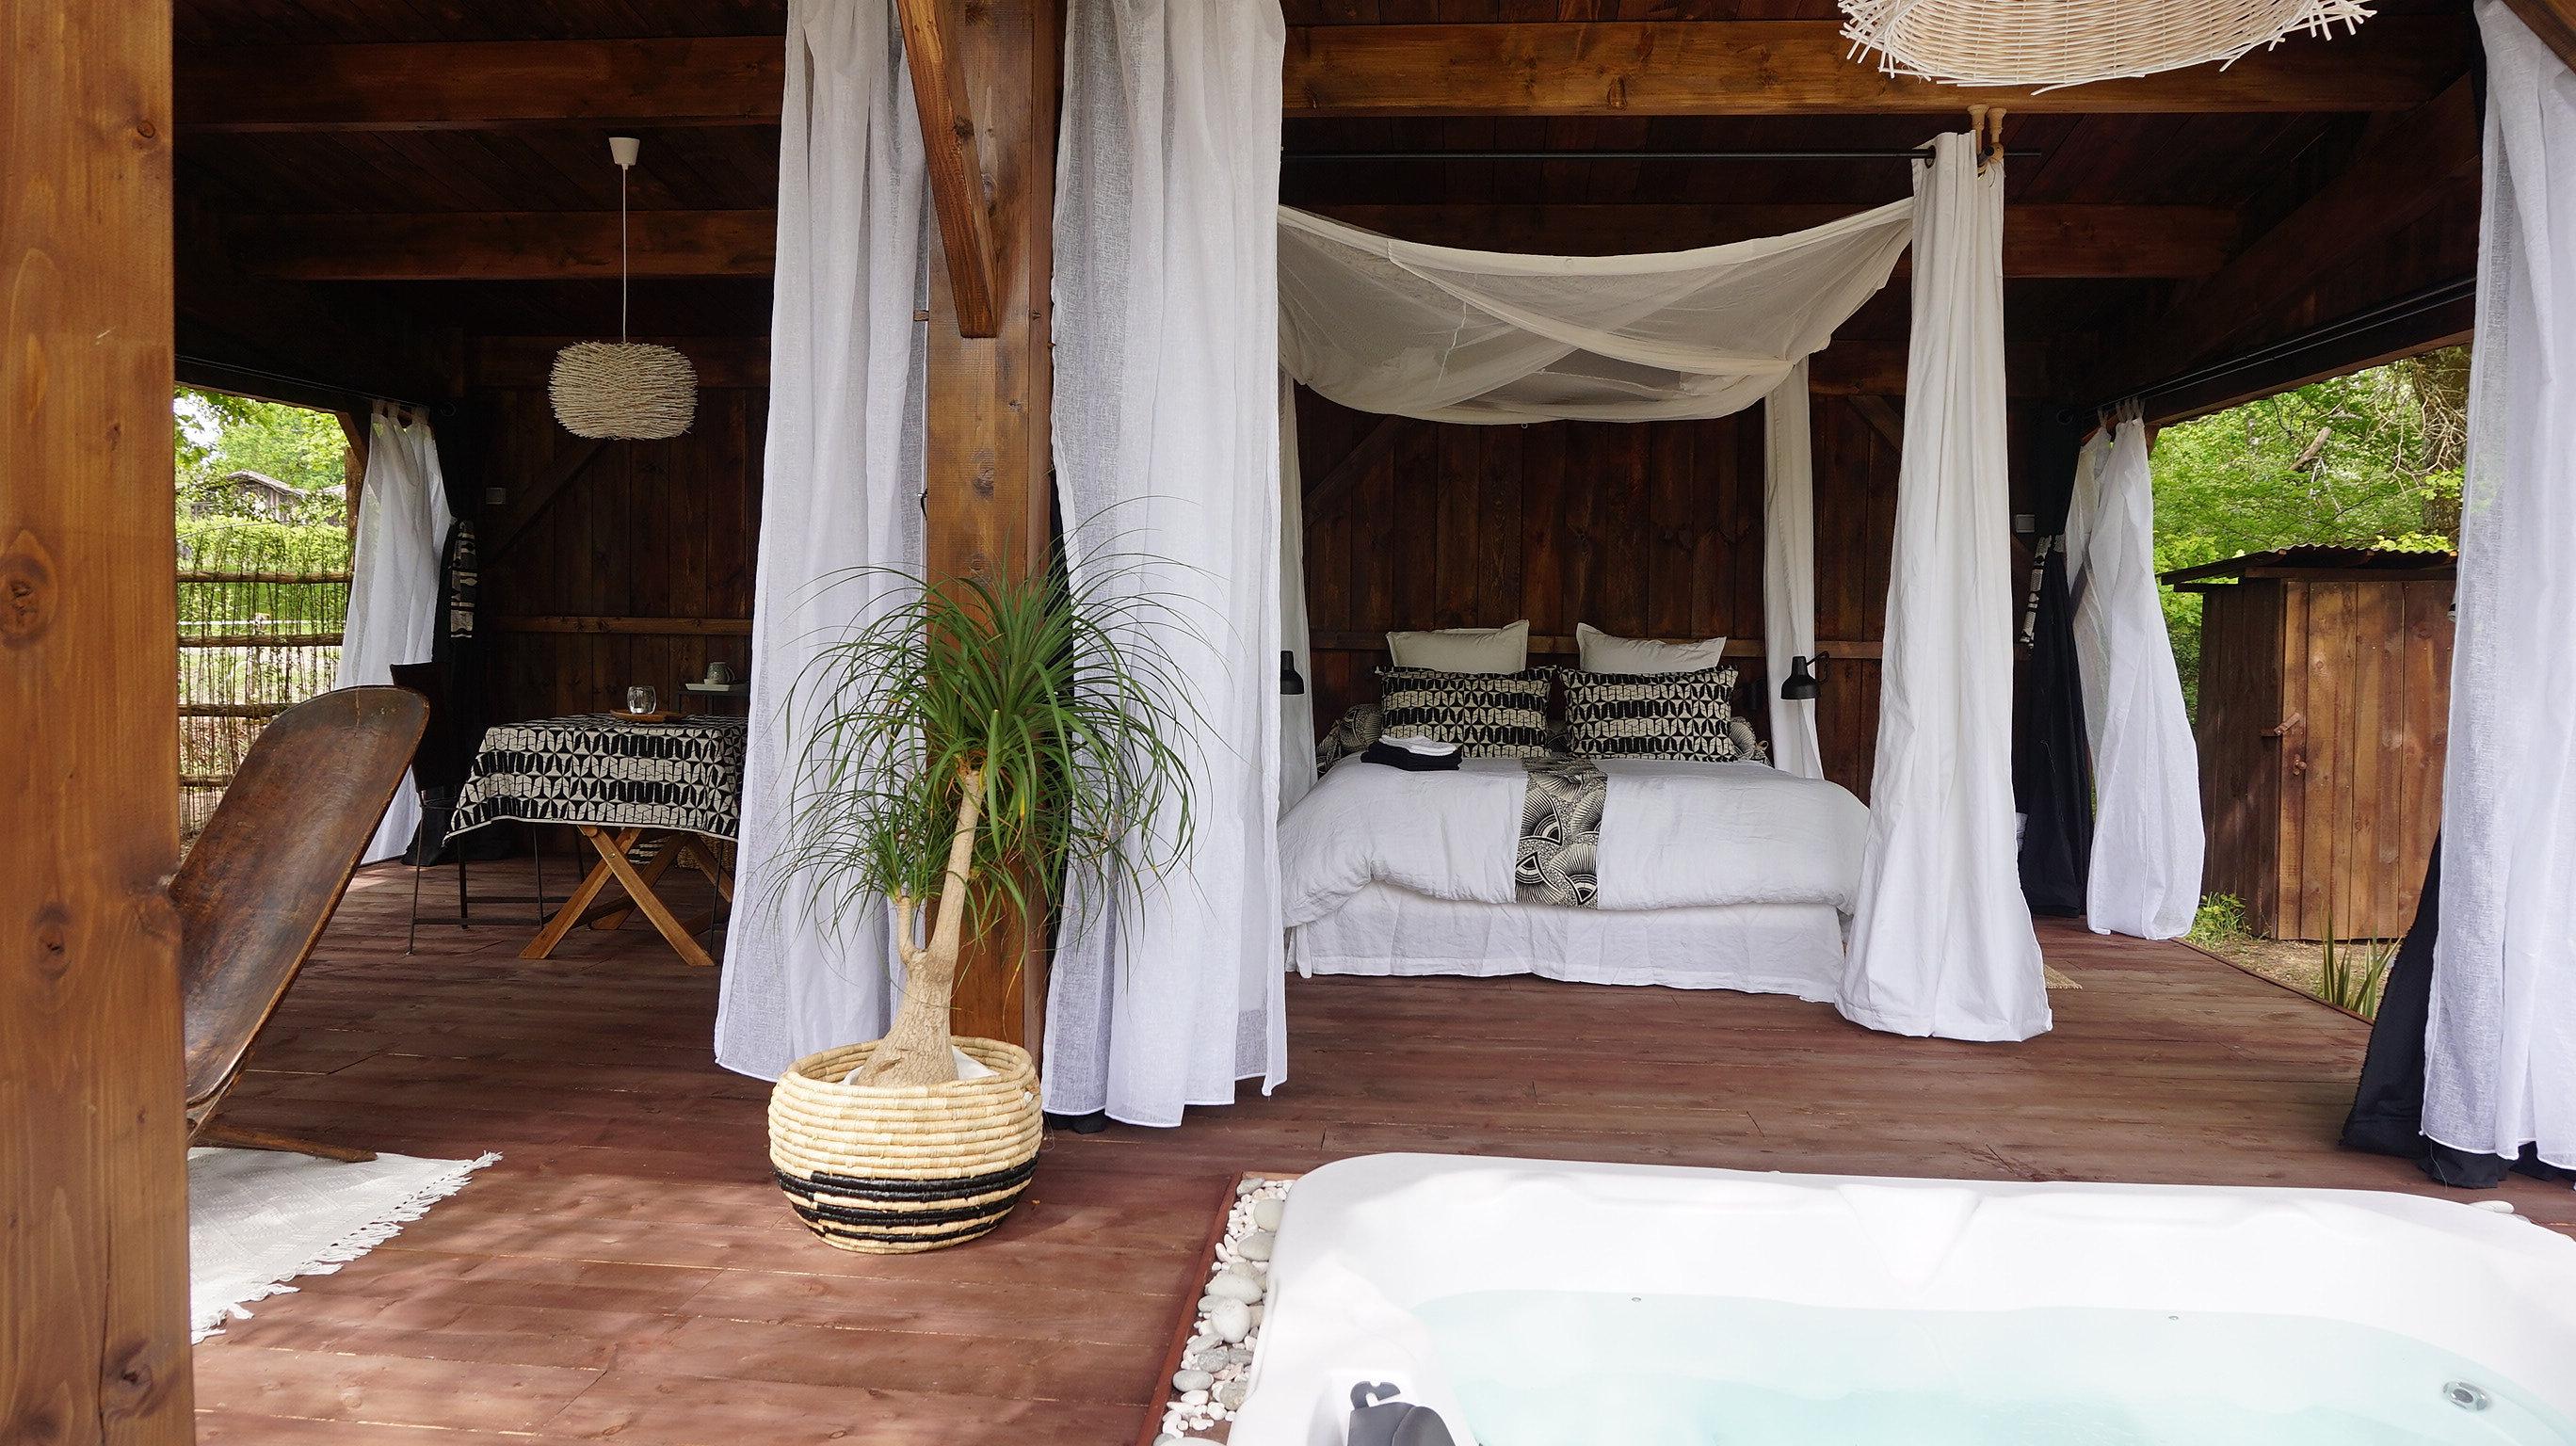 Chambre avec jacuzzi privatif - Hotel avec jacuzzi dans la chambre pyrenees orientales ...